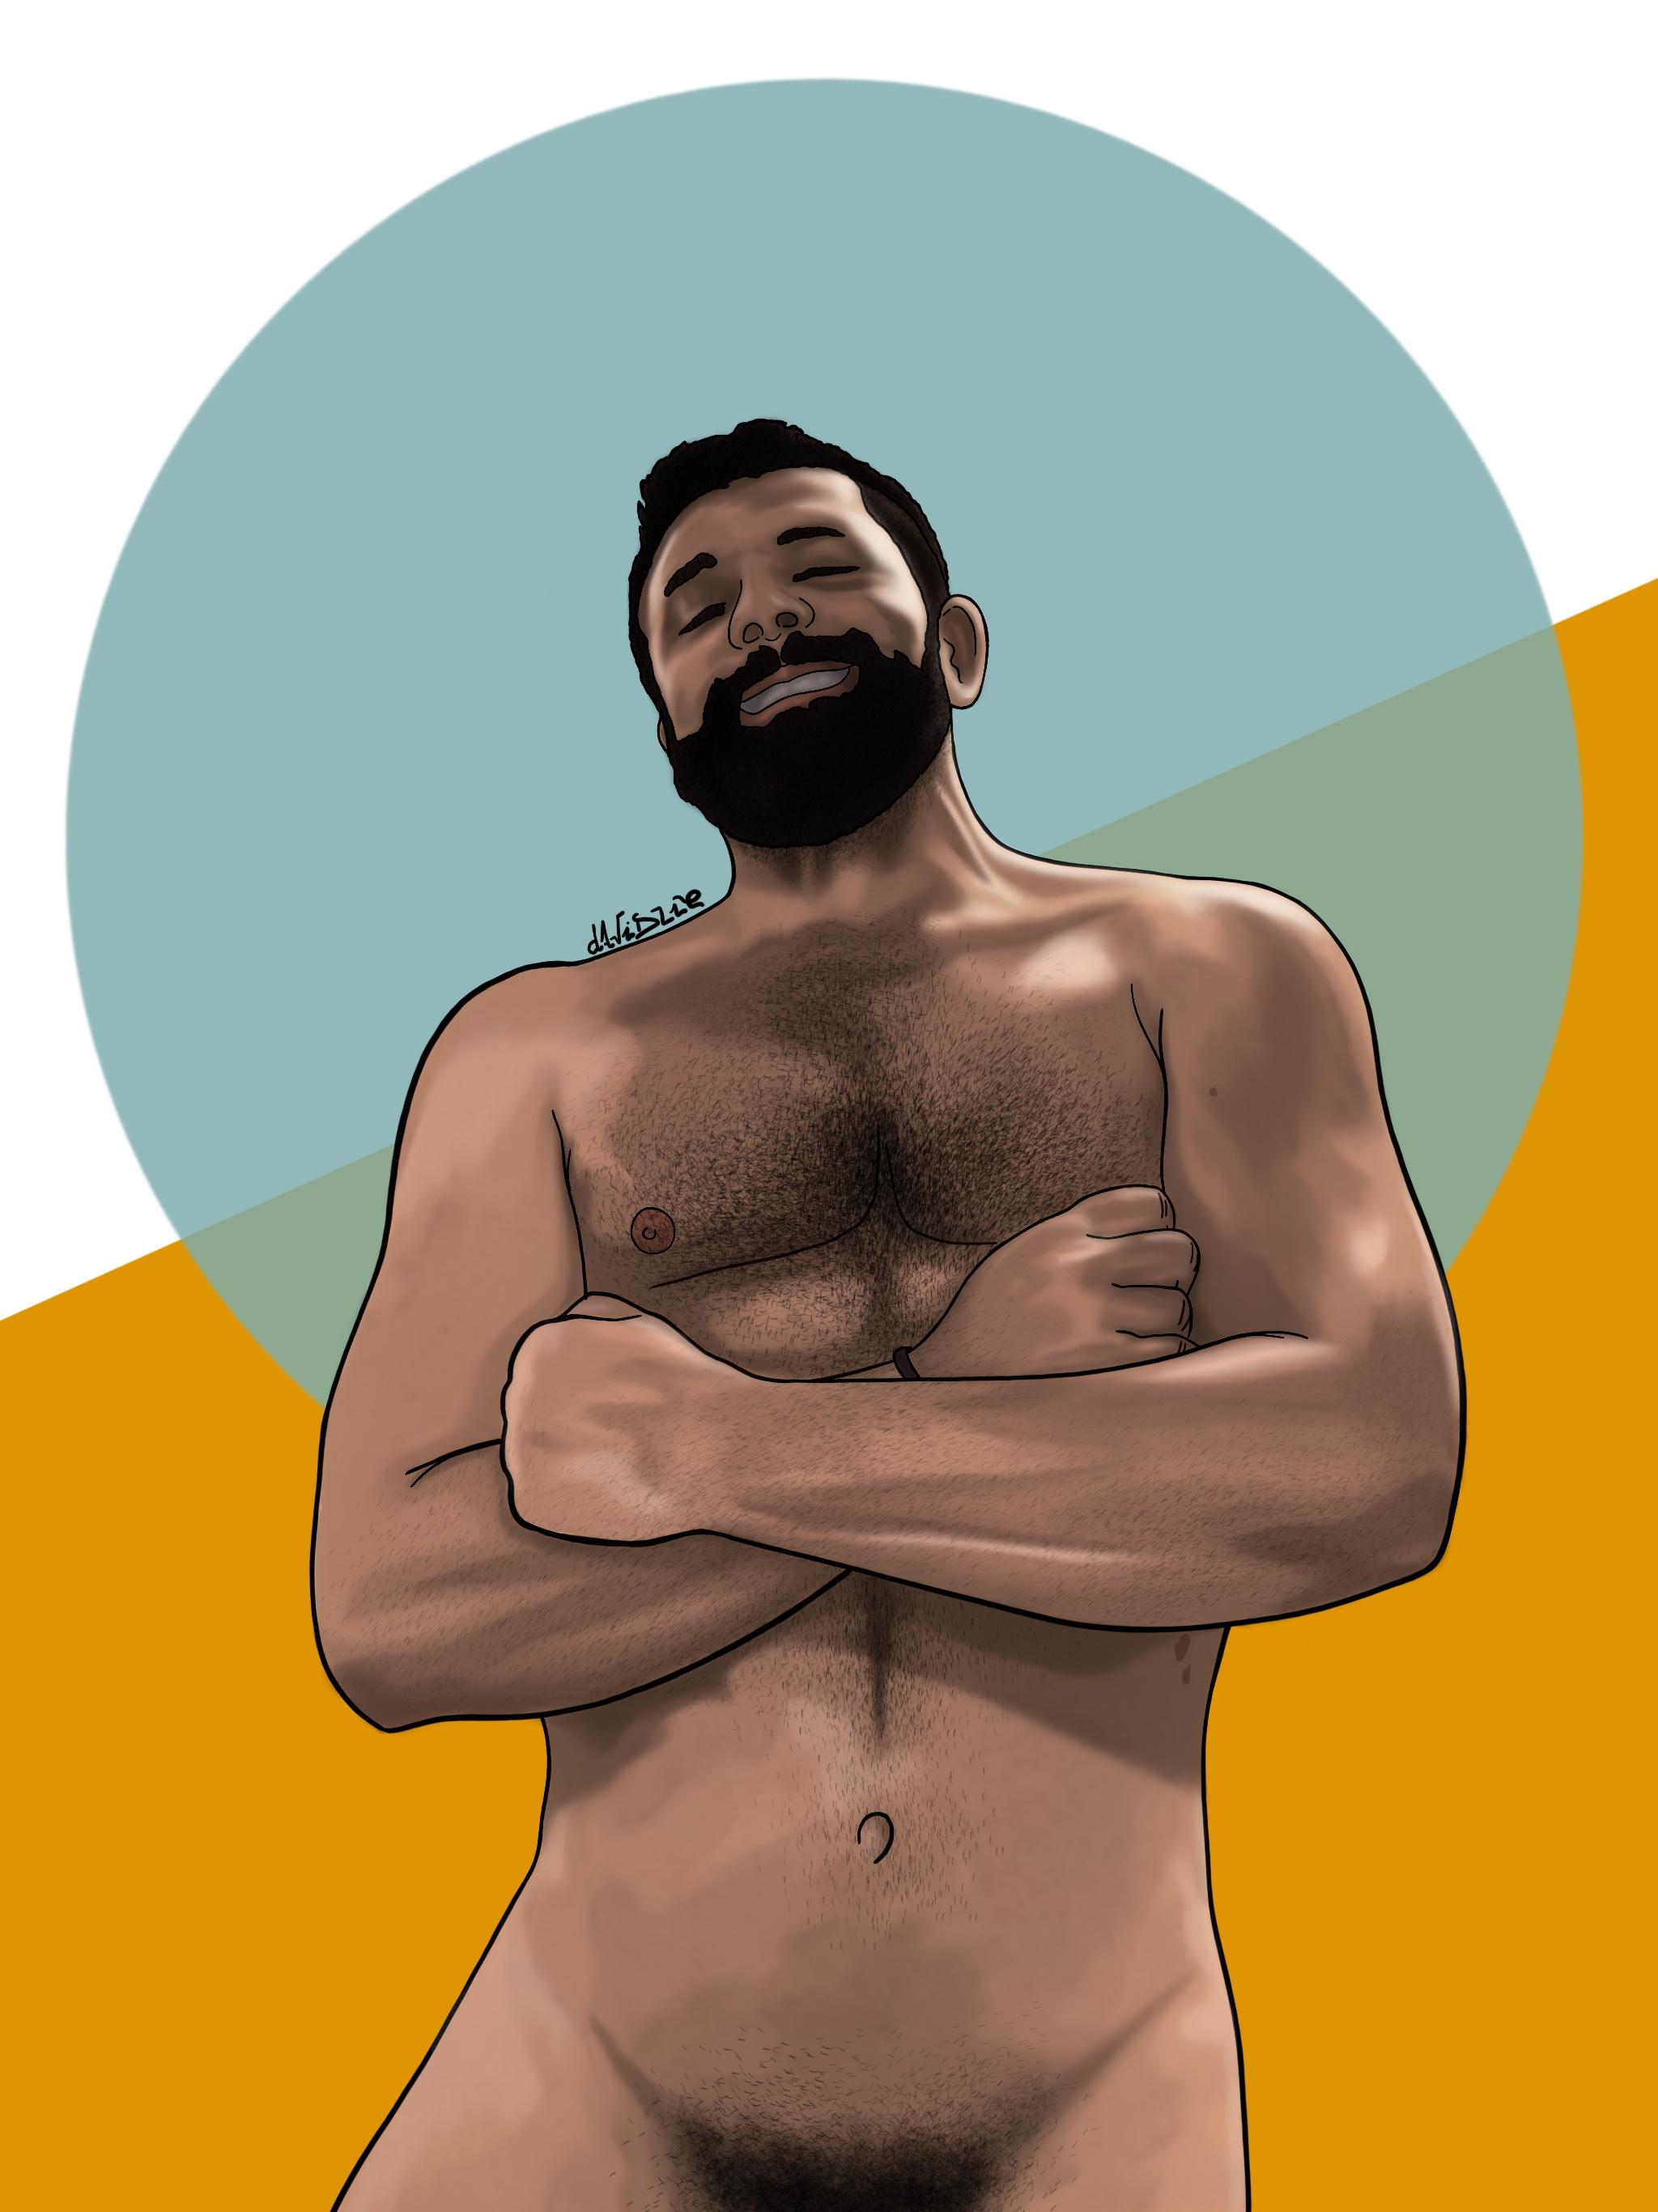 Retratos__David_Pallás_Gozalo_Sexy_bear.